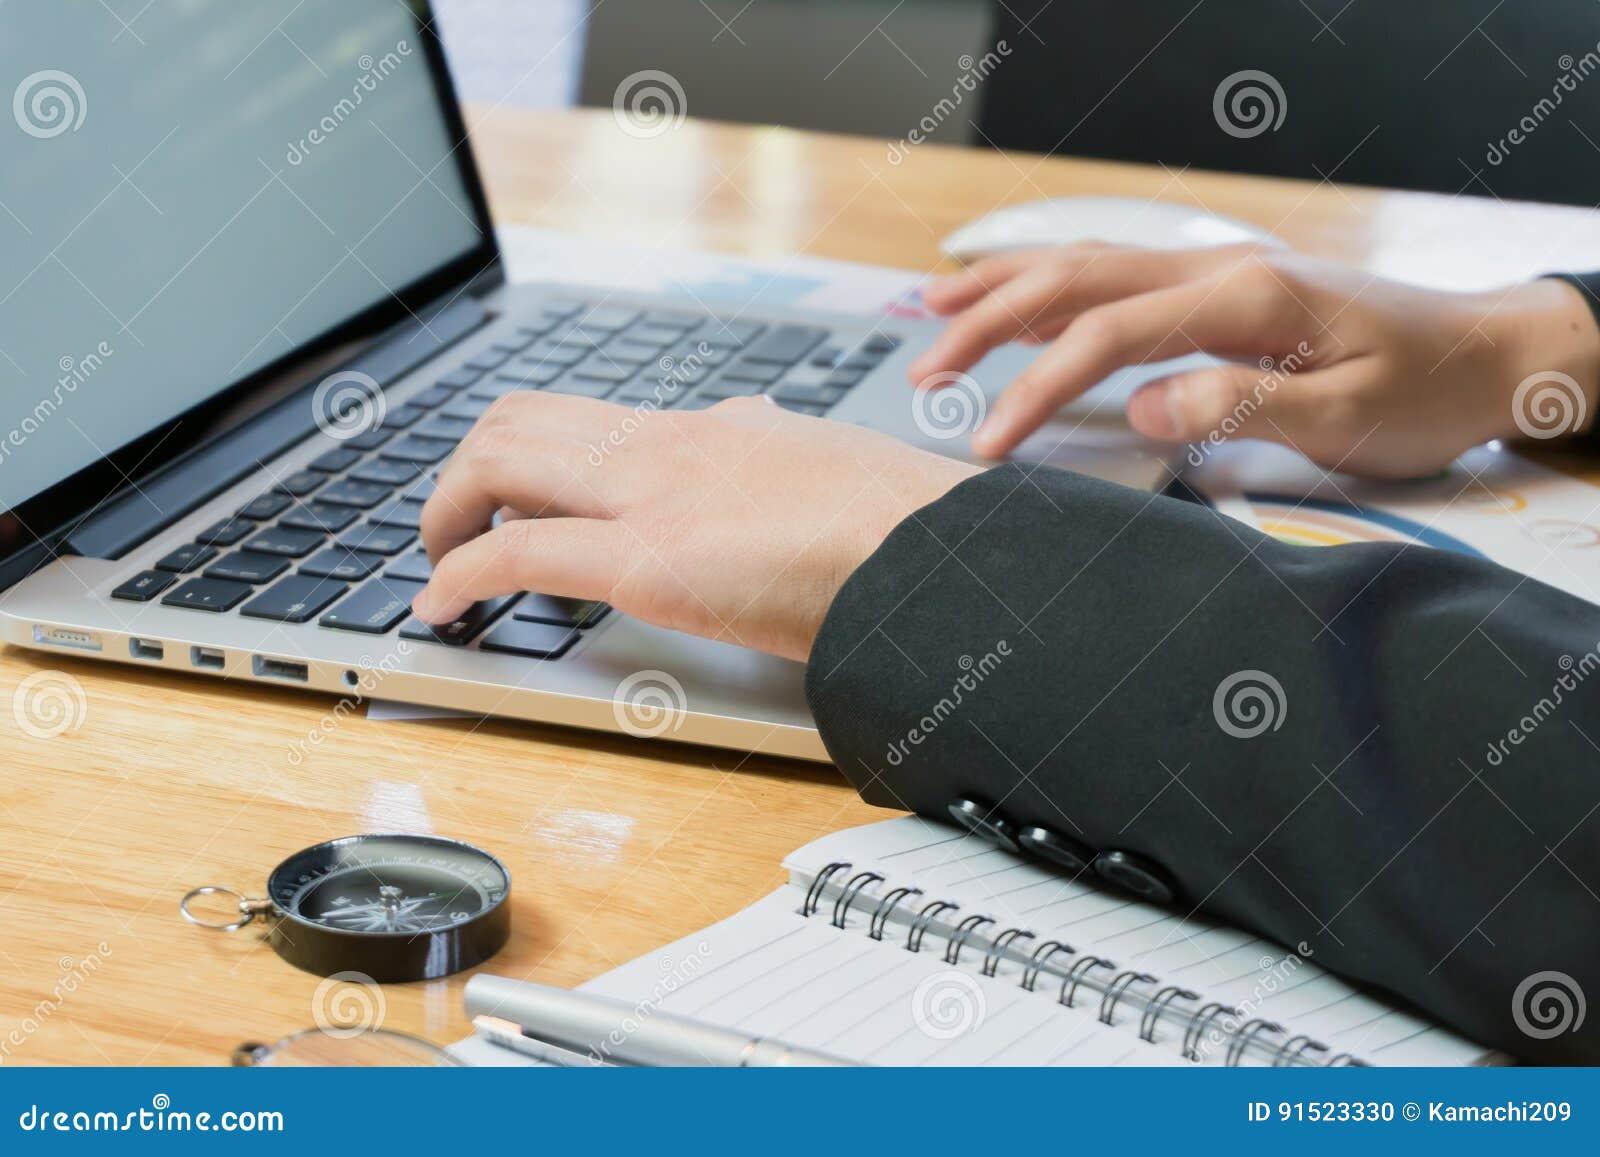 Houten Bureau Gebruikt.Vrouwenhand Die Met Telefoon En Laptop Aan Houten Bureau In Bureau